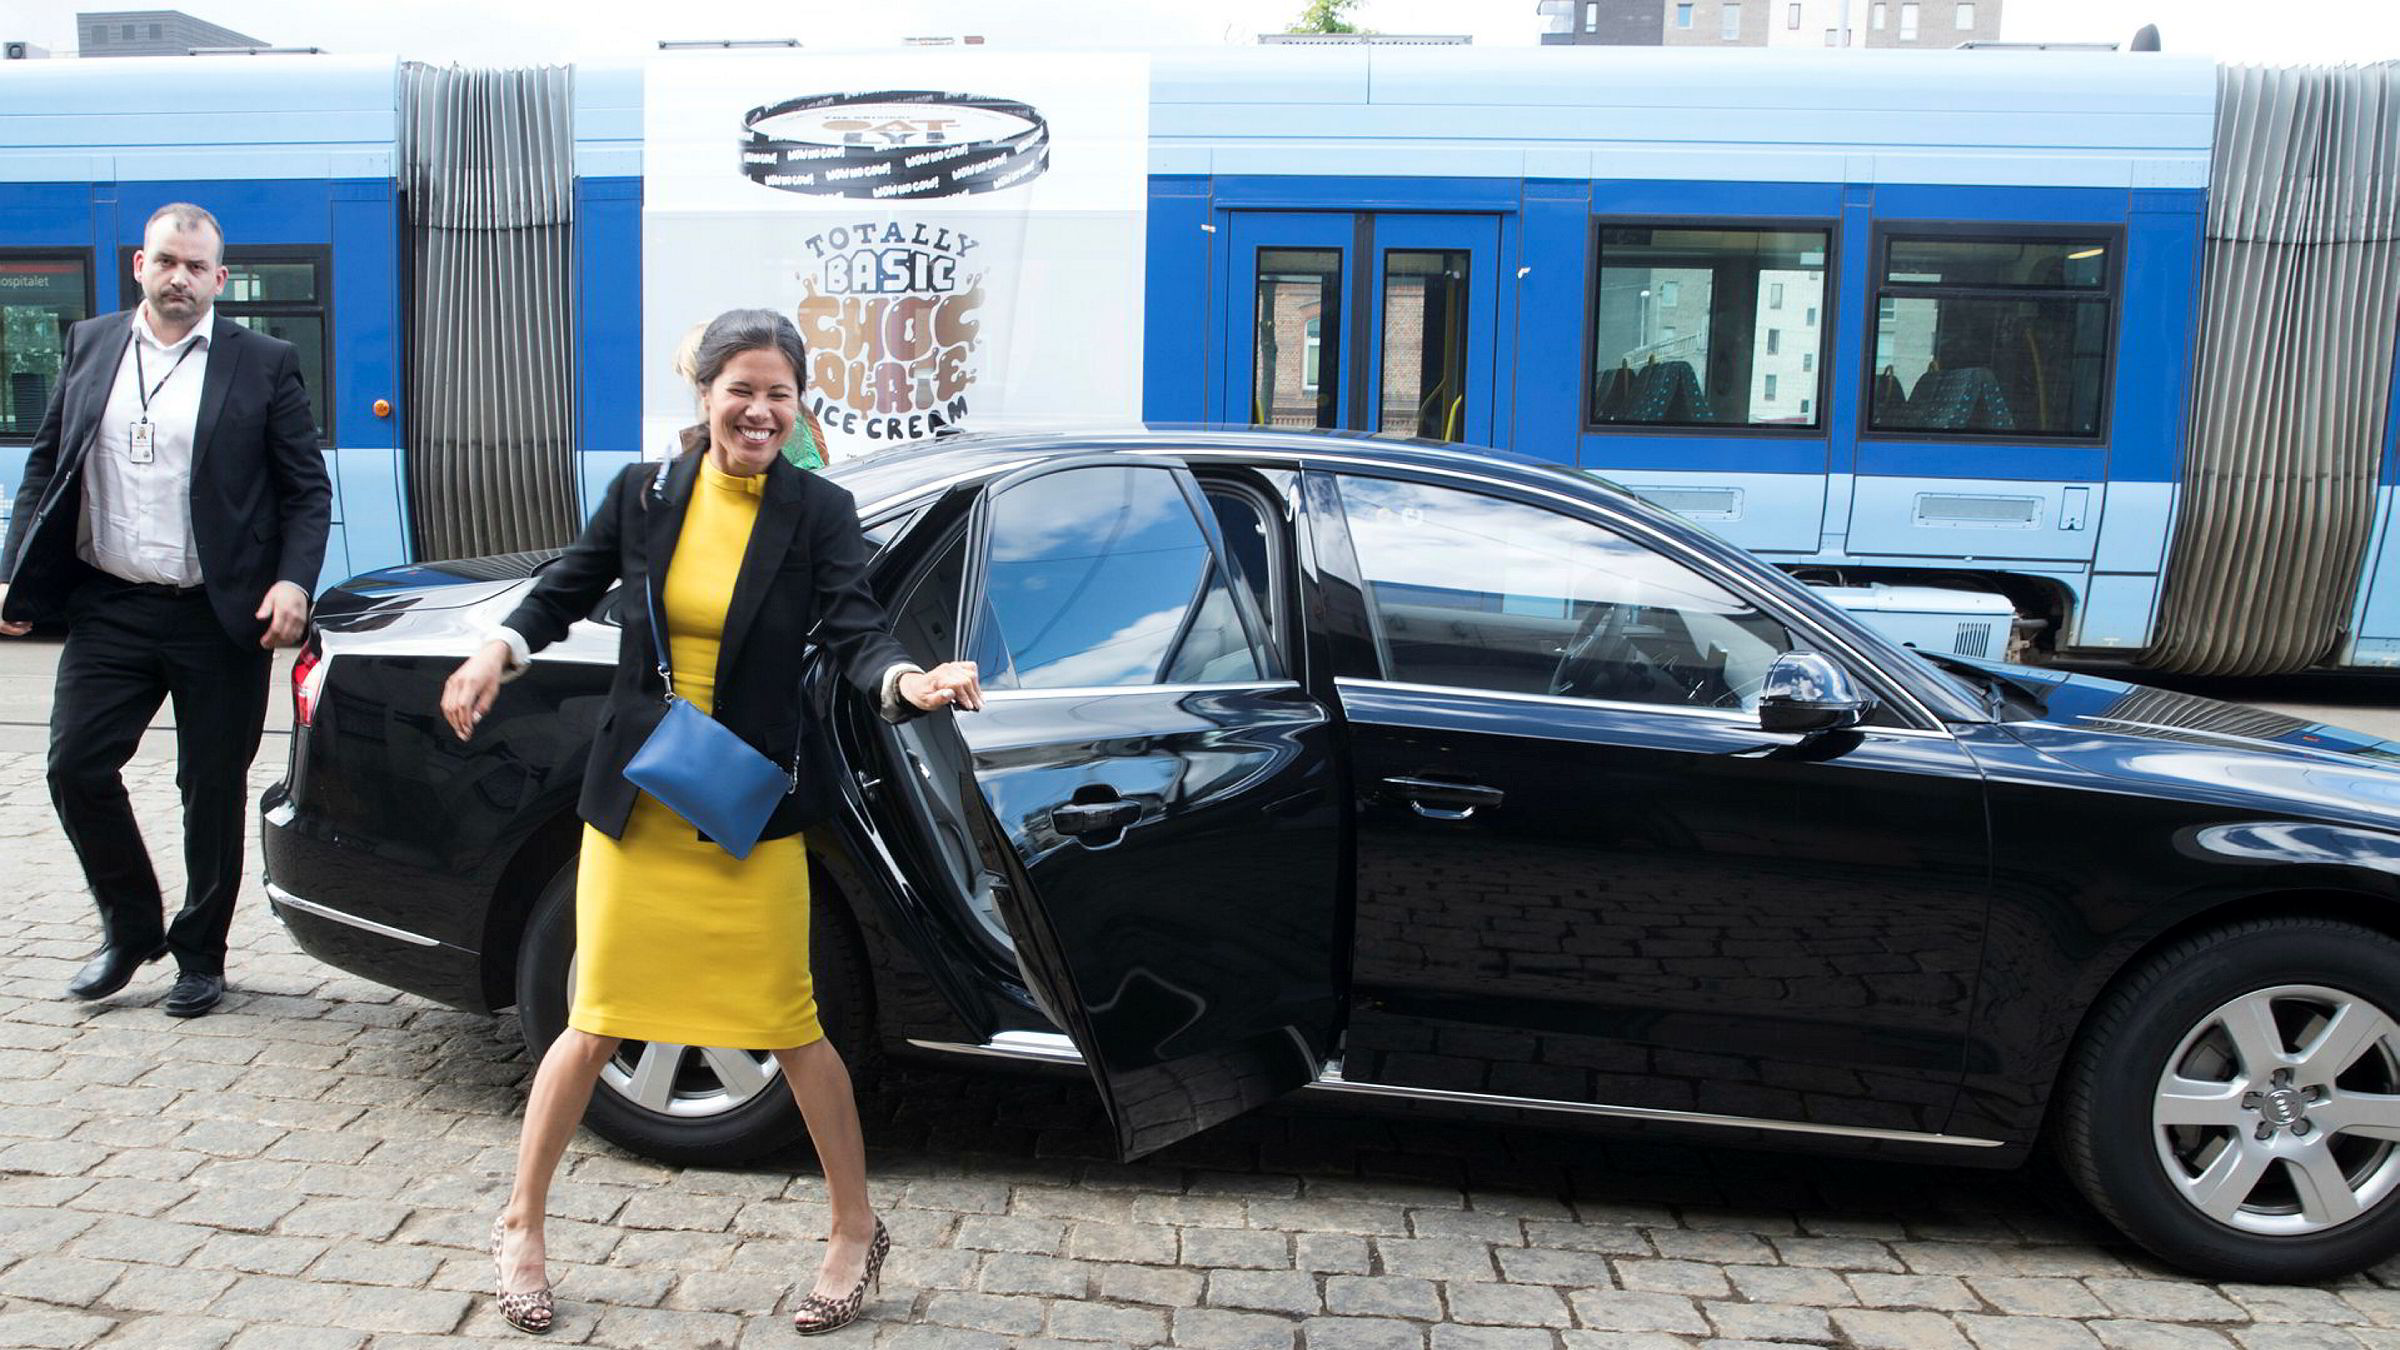 Miljøbyråd Lan Marie Nguyen Berg (MDG) i Oslo ankommer trikkestallen på Grefsen for å kunngjøre nytt trikkekjøp.